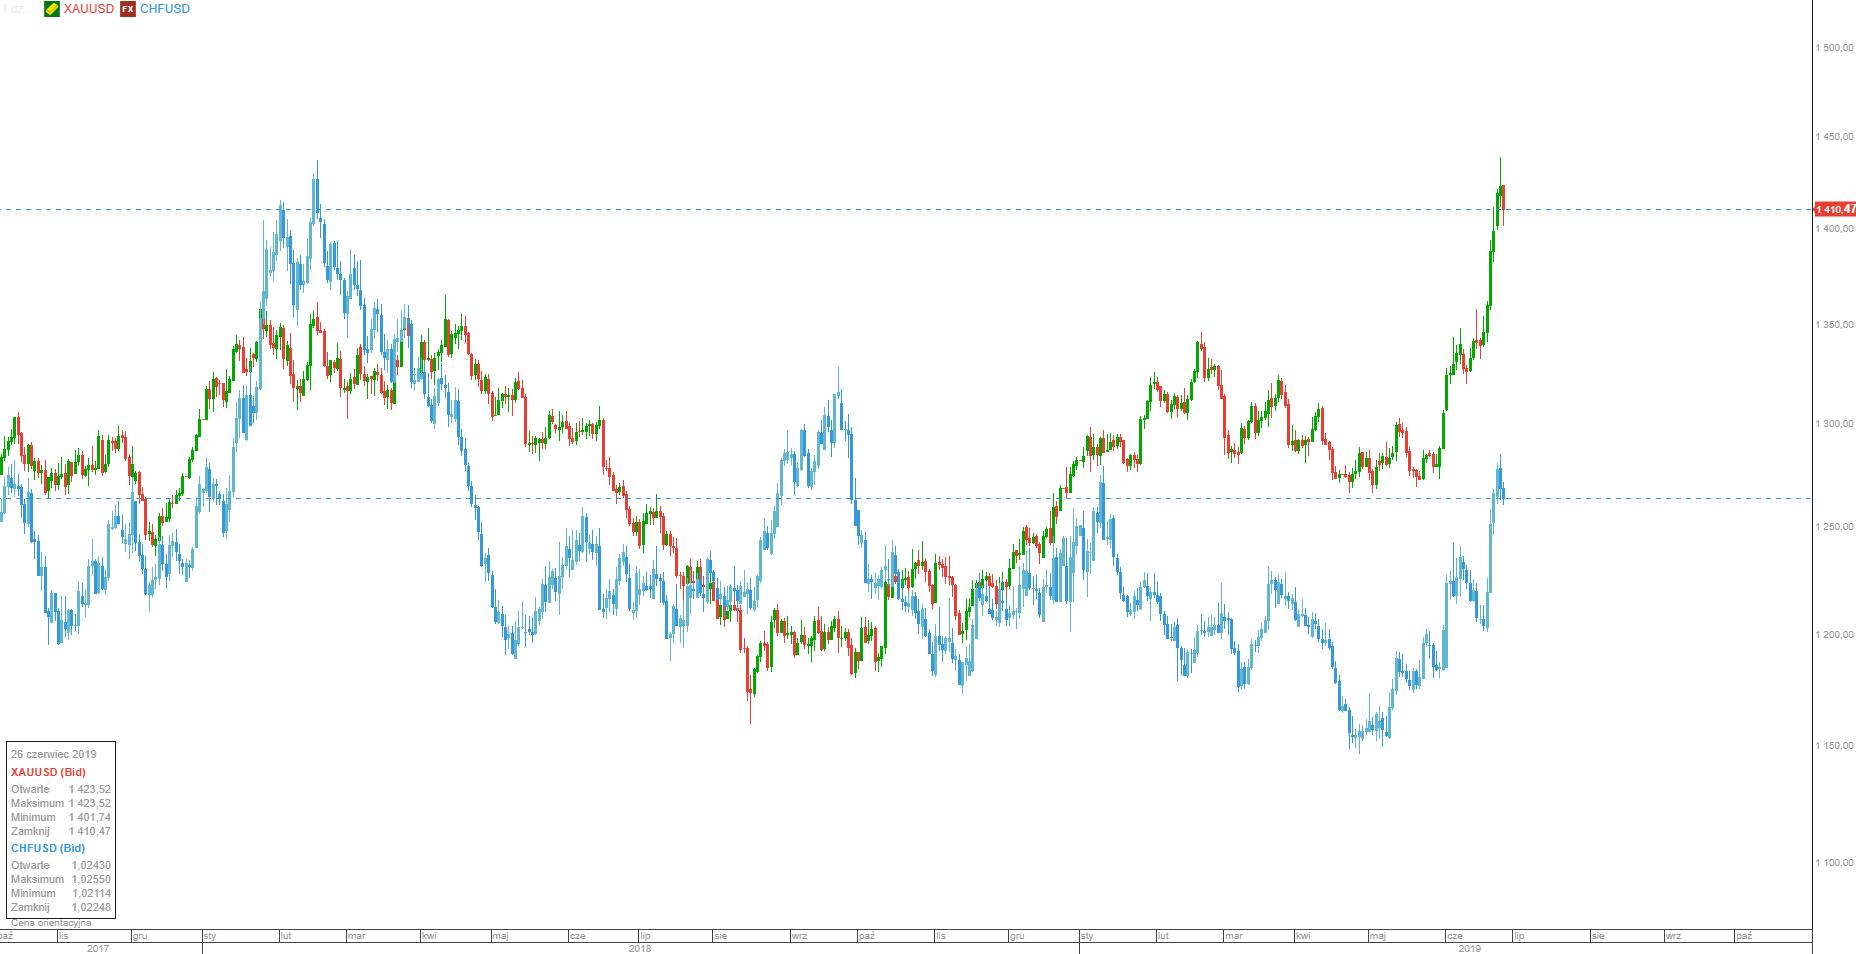 Wykres: notowania złota oraz pary walutowej CHFUSD. Widać silną korelację. Źródło: platforma transakcyjna